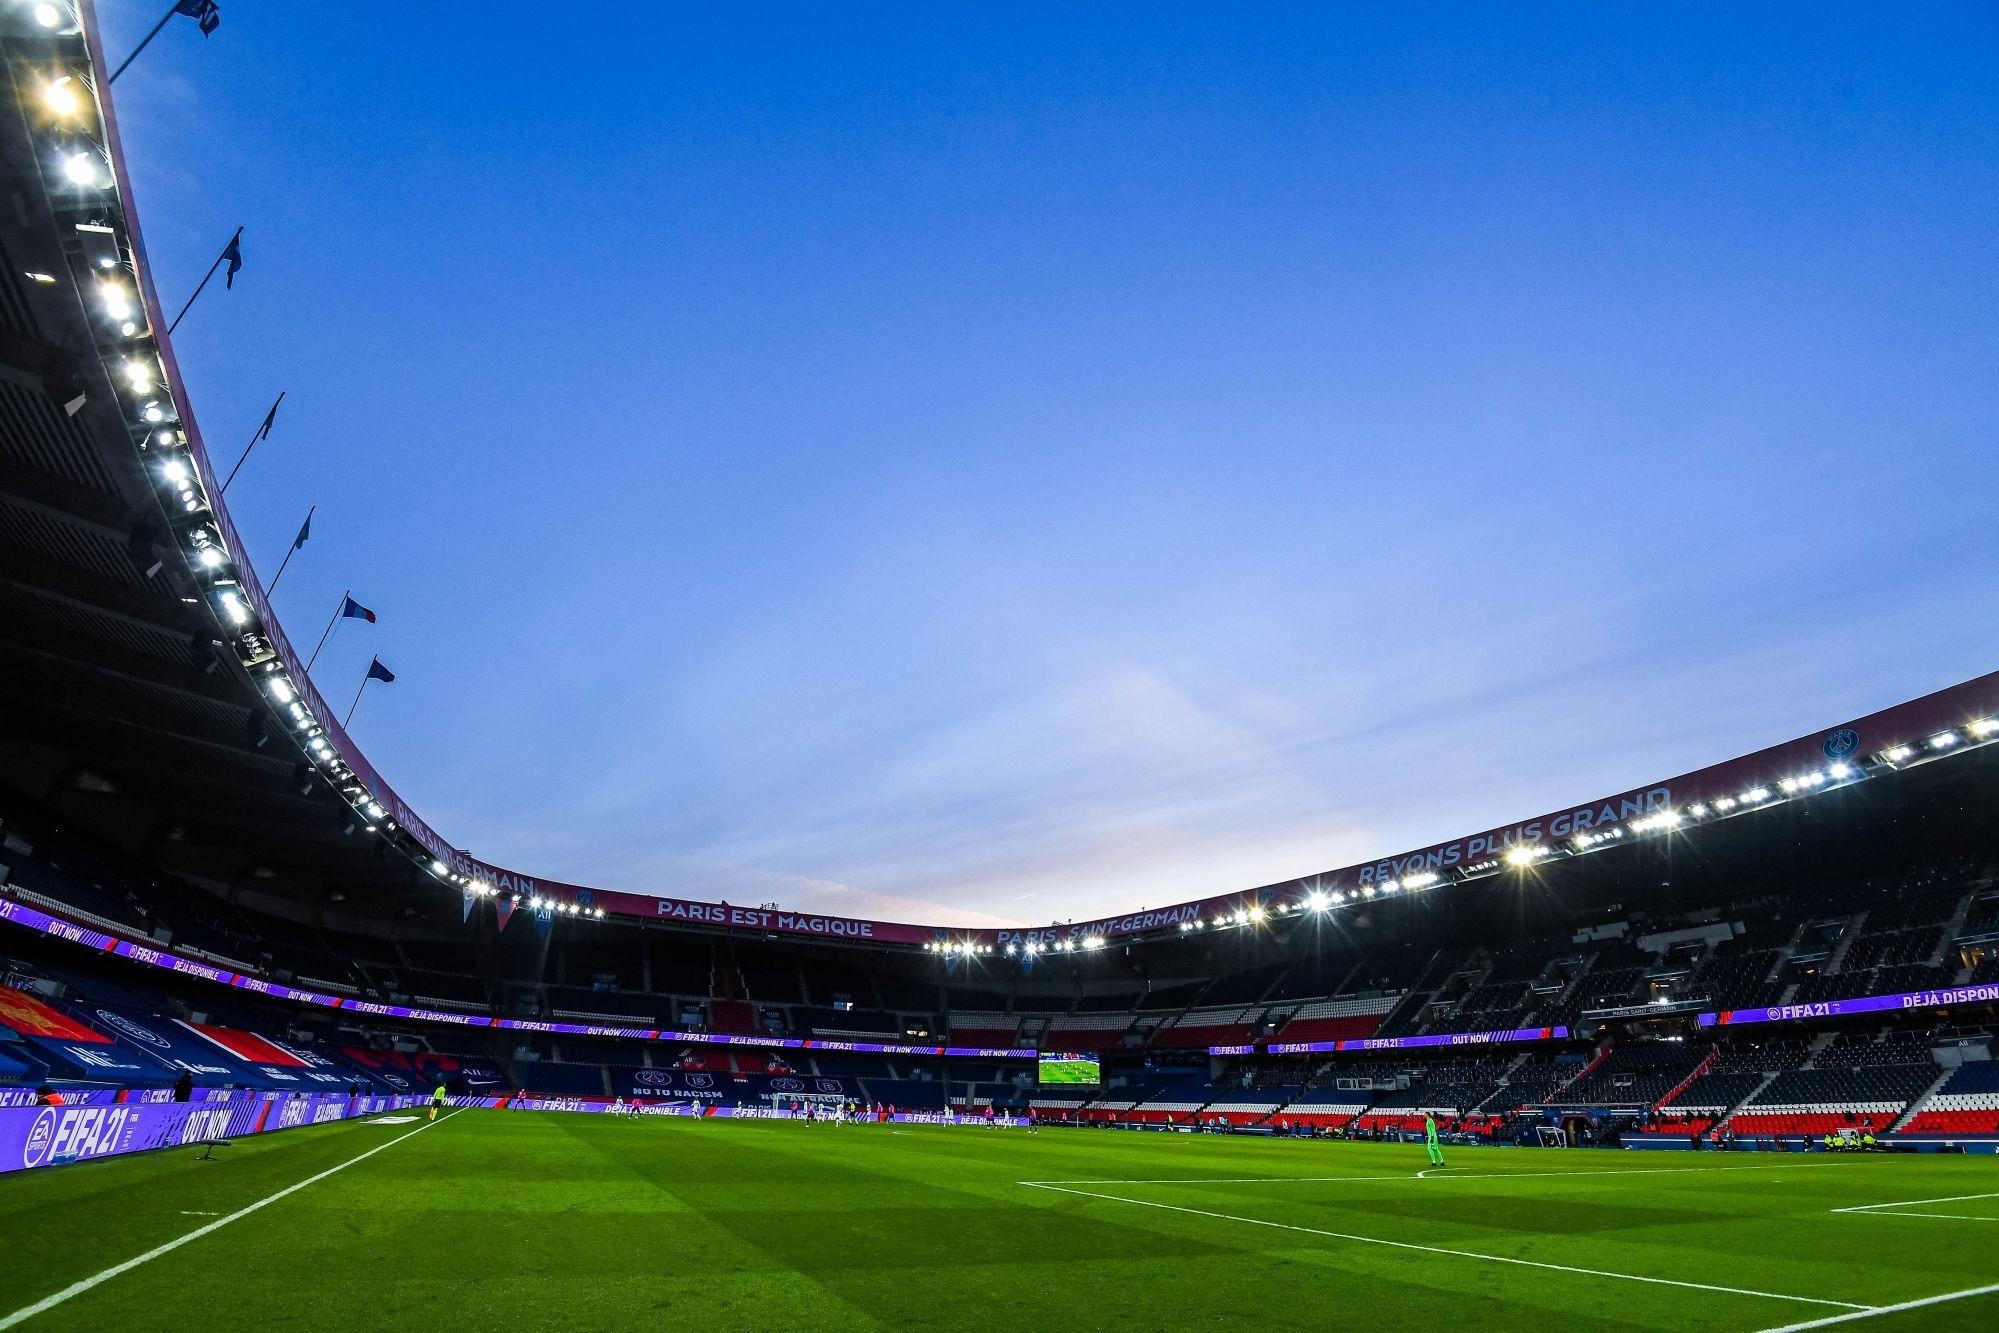 PSG/Angers - Suivez l'avant-match des Parisiens au Parc des Princes à partir de 17h30